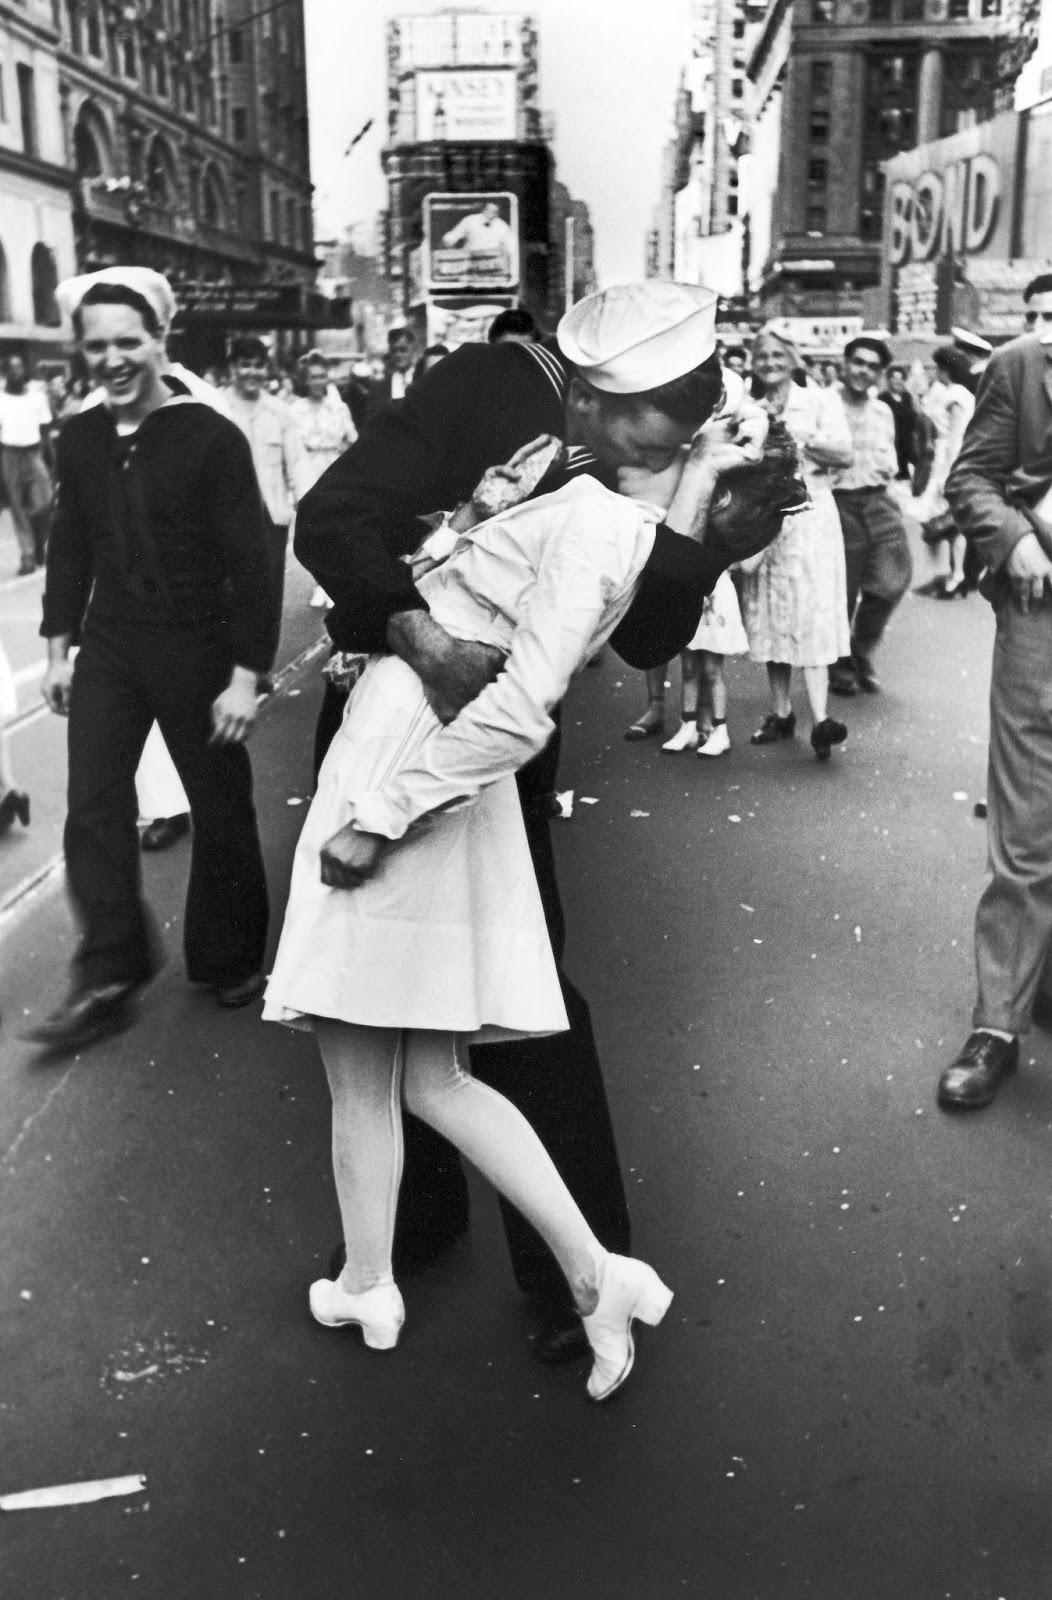 Foto iconiche che hanno segnato la storia